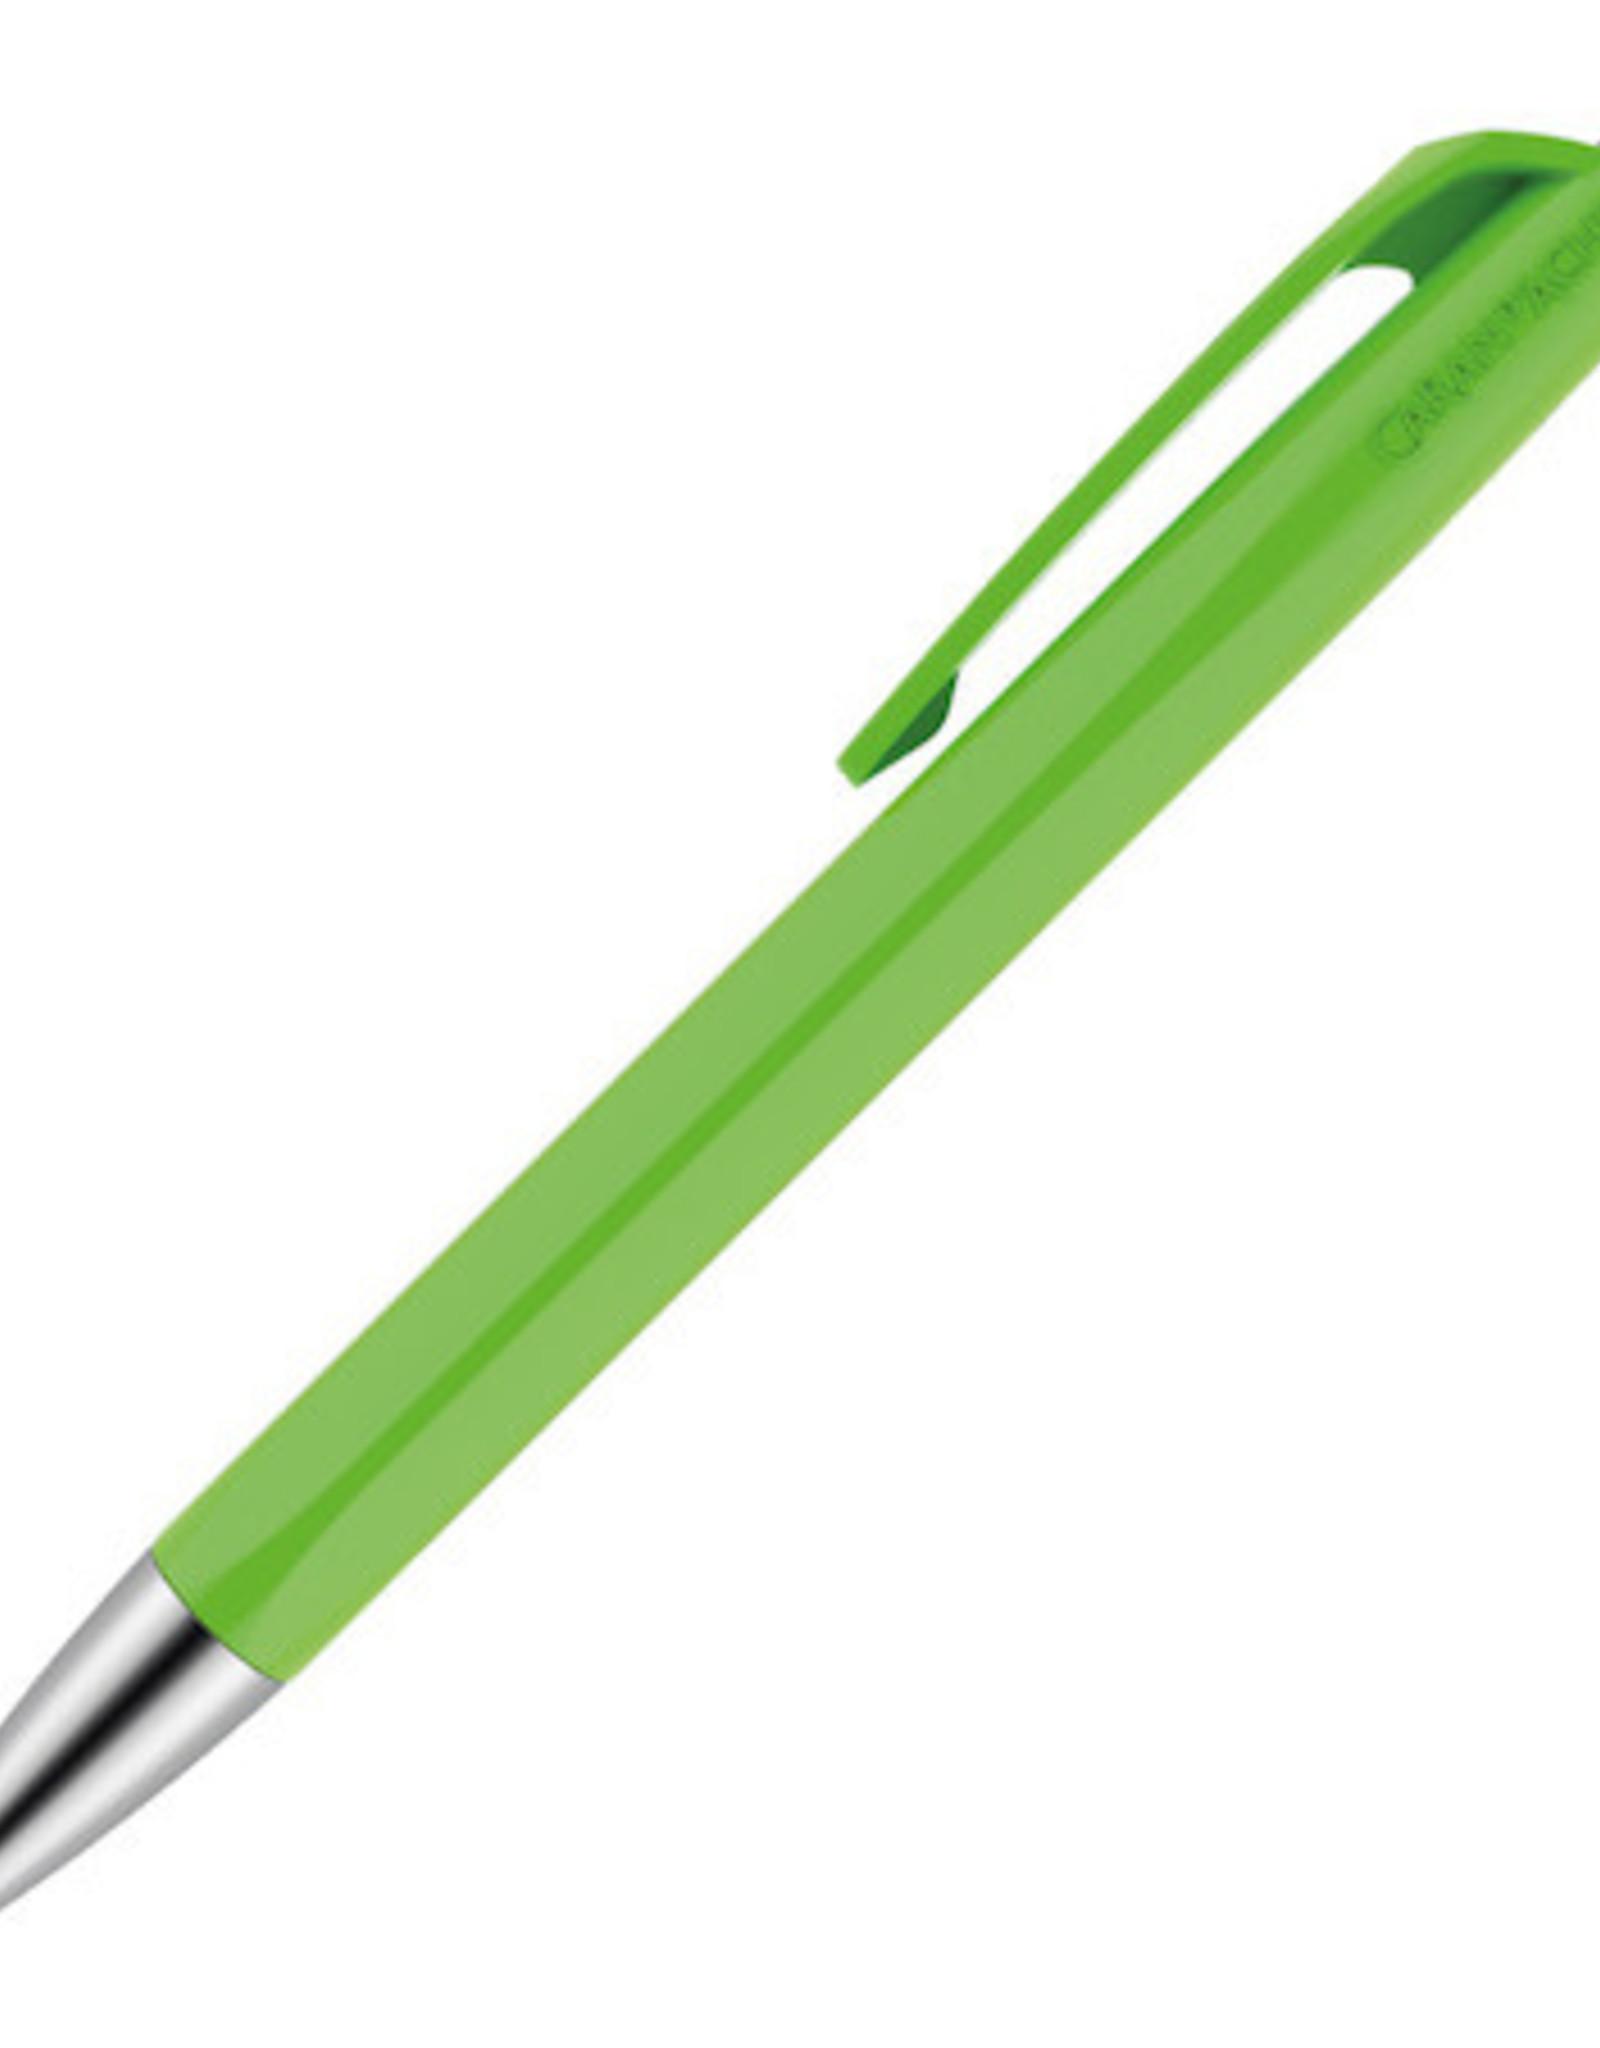 Caran d'Ache Caran d'Ache 888 Infinite Ballpoint Pen